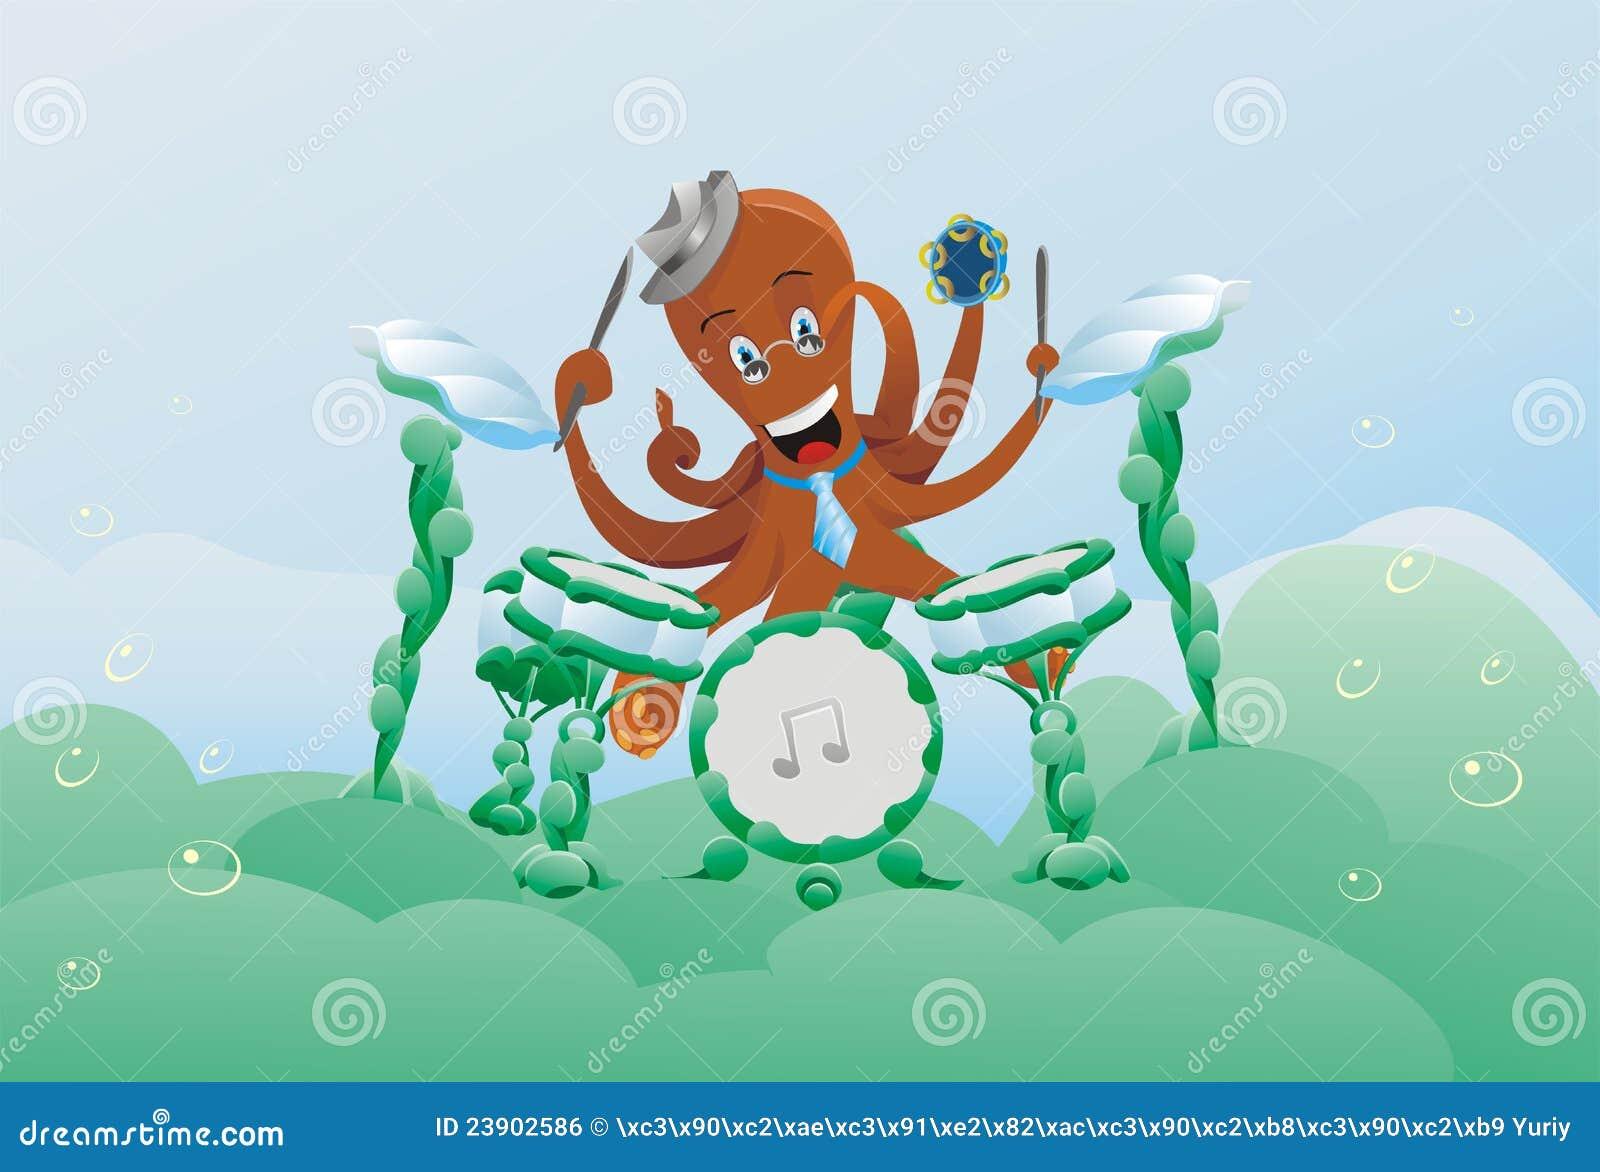 tiermusik poulpe zeichentier unterwasser vektor abbildung